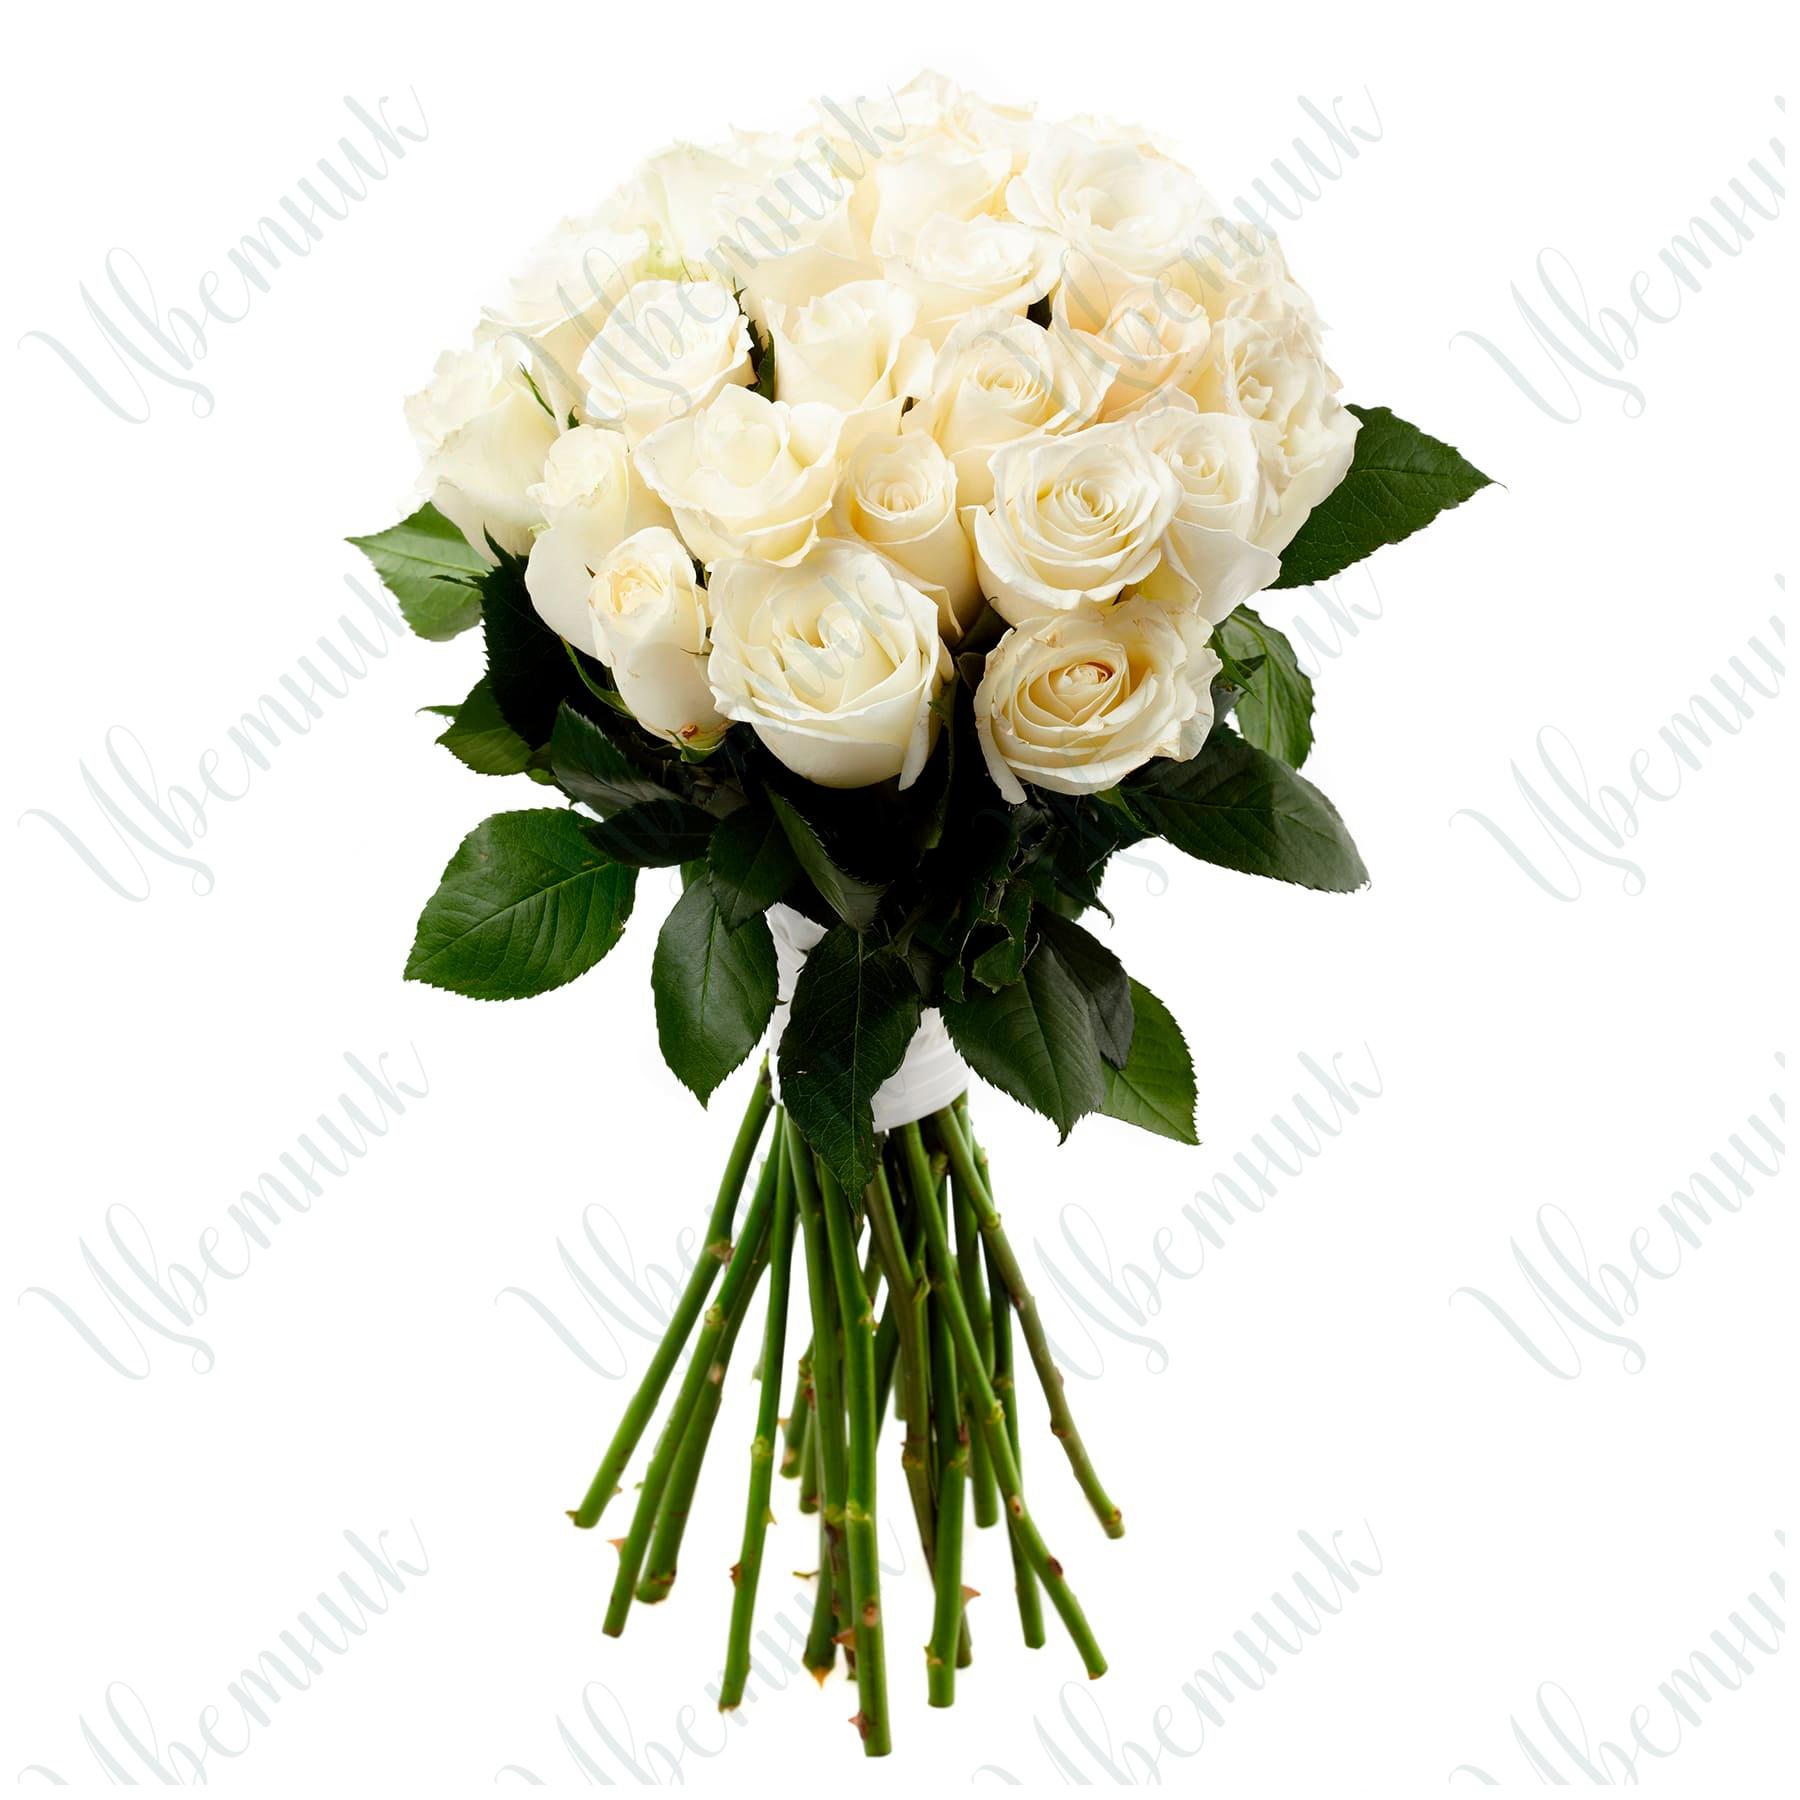 Букет из 25 белых роз высотой 80 см